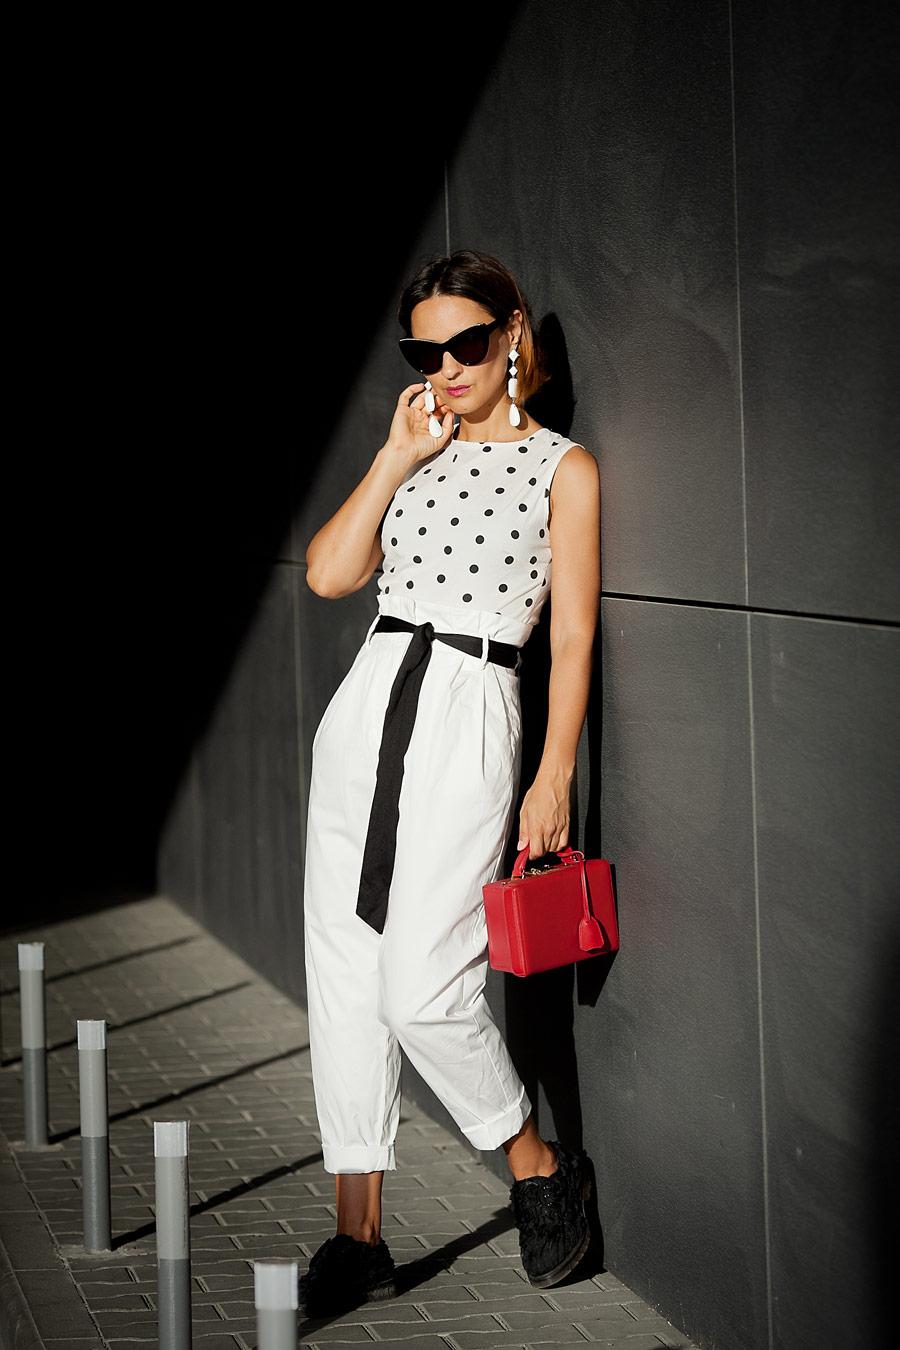 С ЧЕМ НОСИТЬ БЕЛЫЕ БРЮКИ, КАК НОСИТЬ БЕЛЫЕ БРЮКИ, HOW to wear white trousers